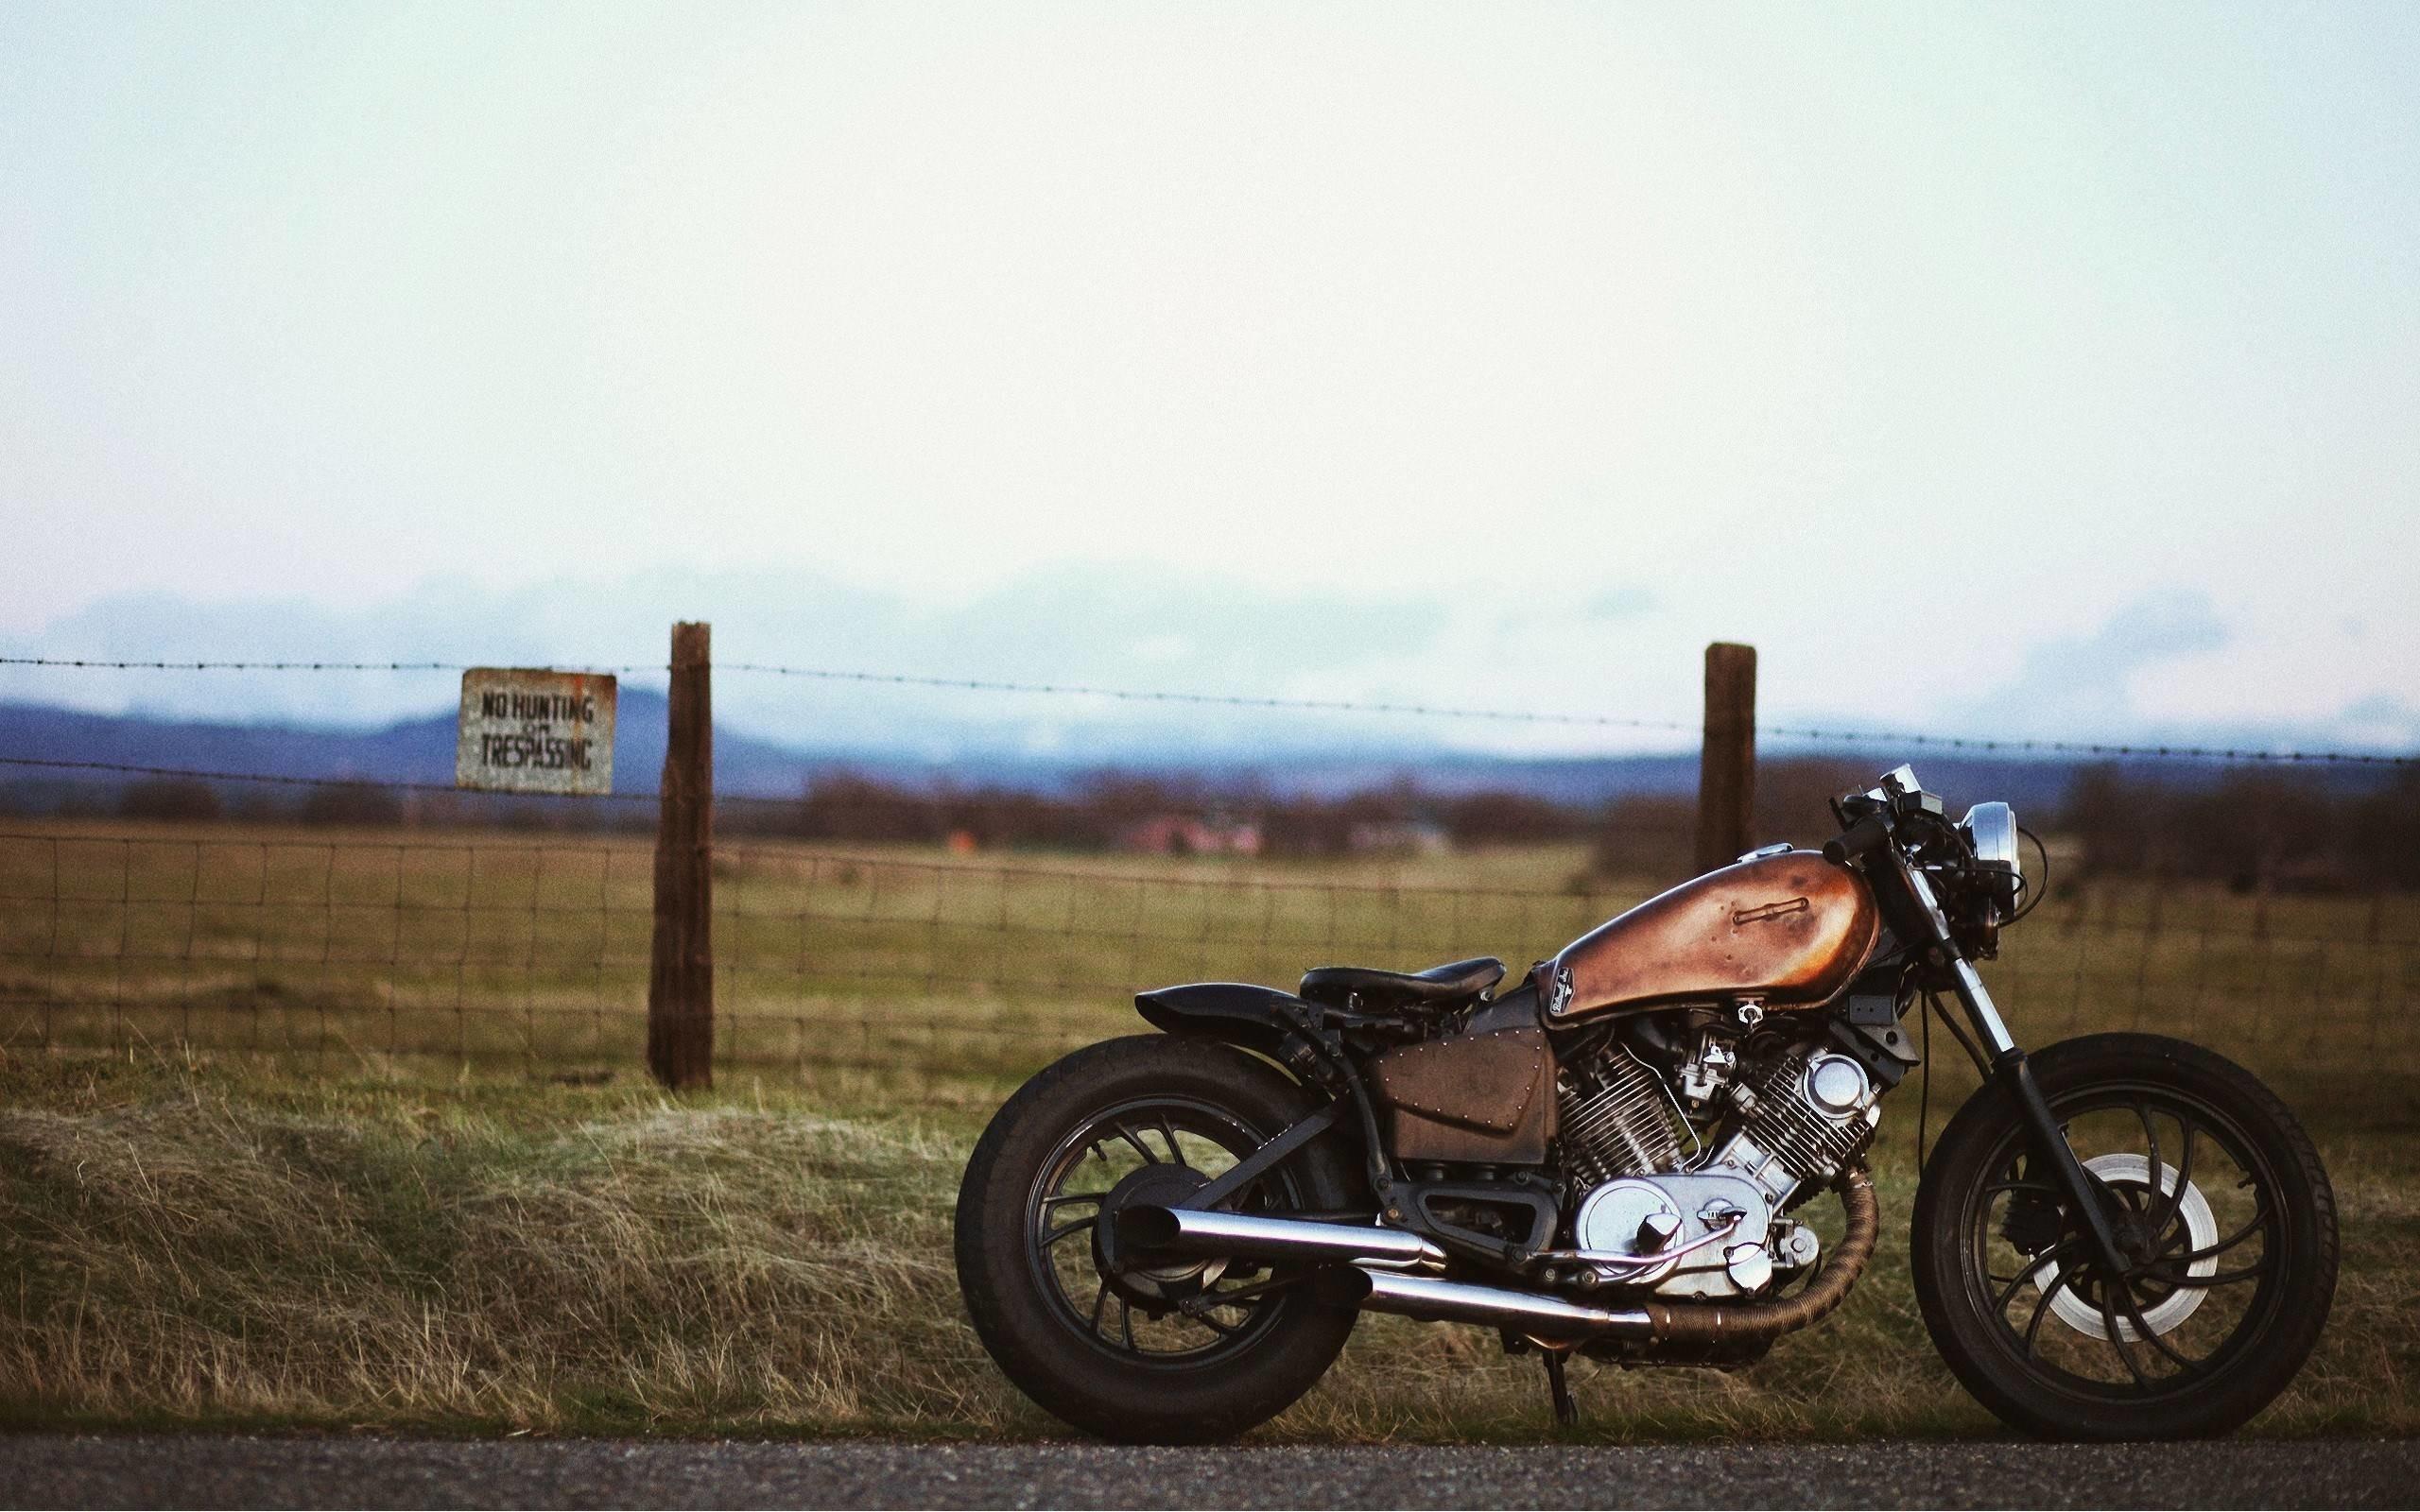 Cafe Racer Desktop Wallpaper Vintage Motorcycle Wallpaper Iphone 2560x1600 Download Hd Wallpaper Wallpapertip